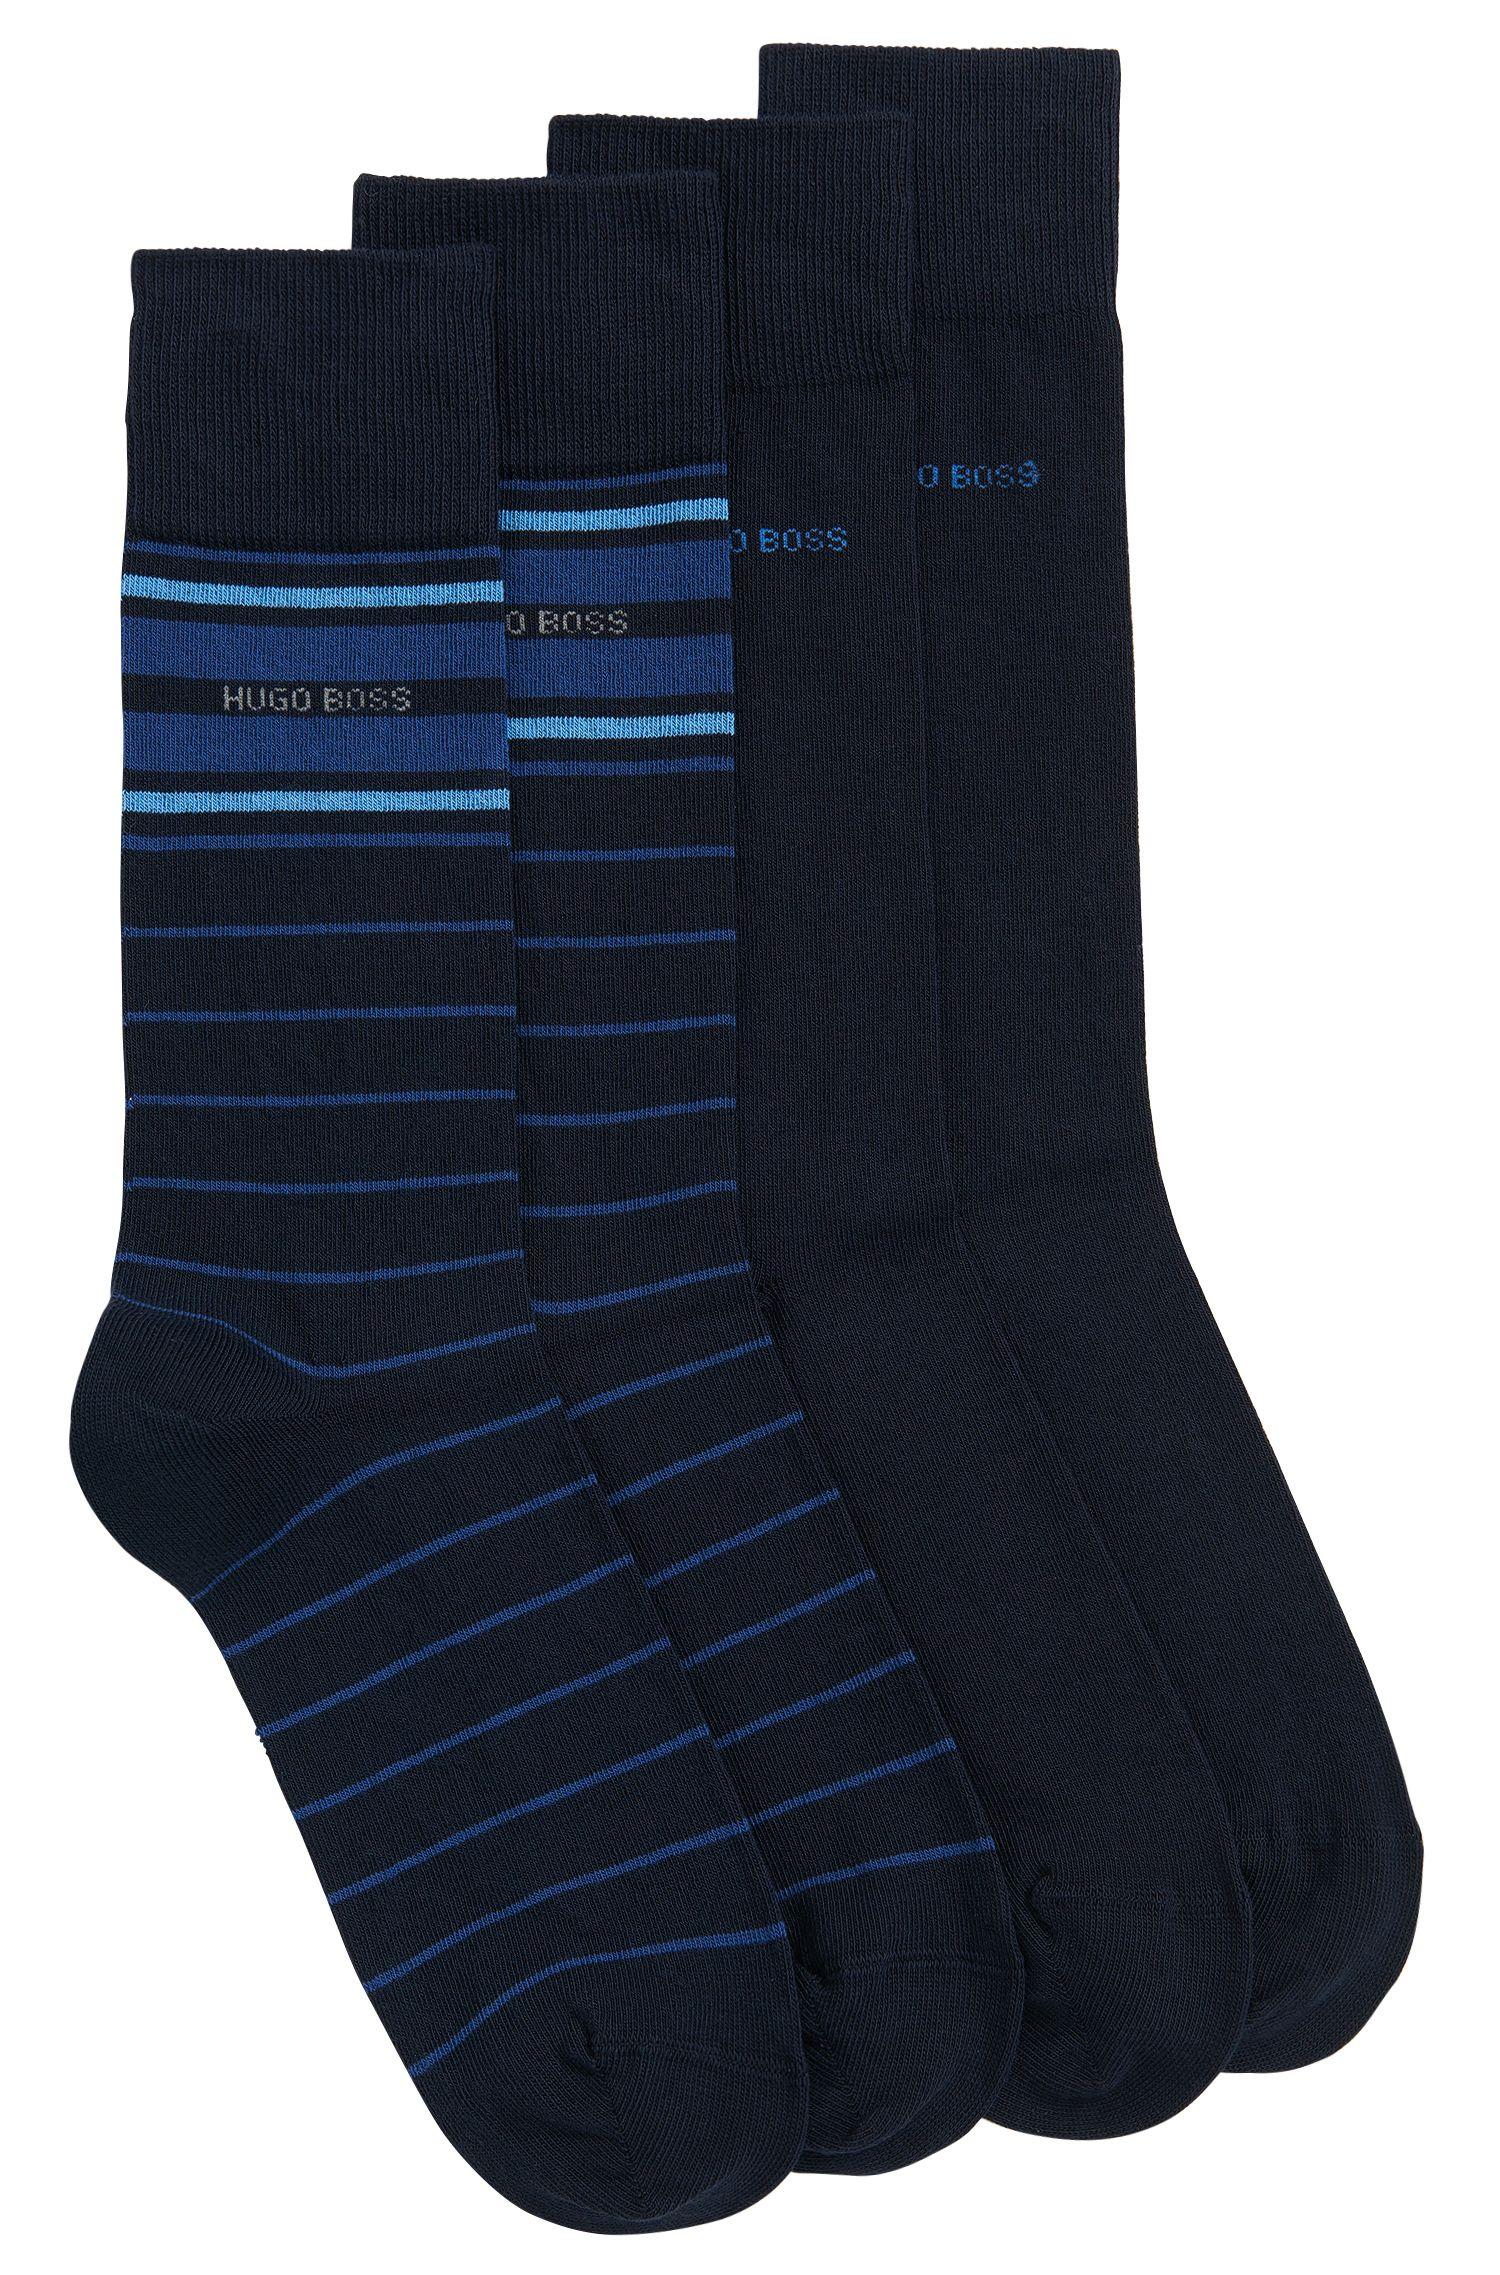 Set van twee paar lichte sokken met normale lengte, van een katoenmix met stretch